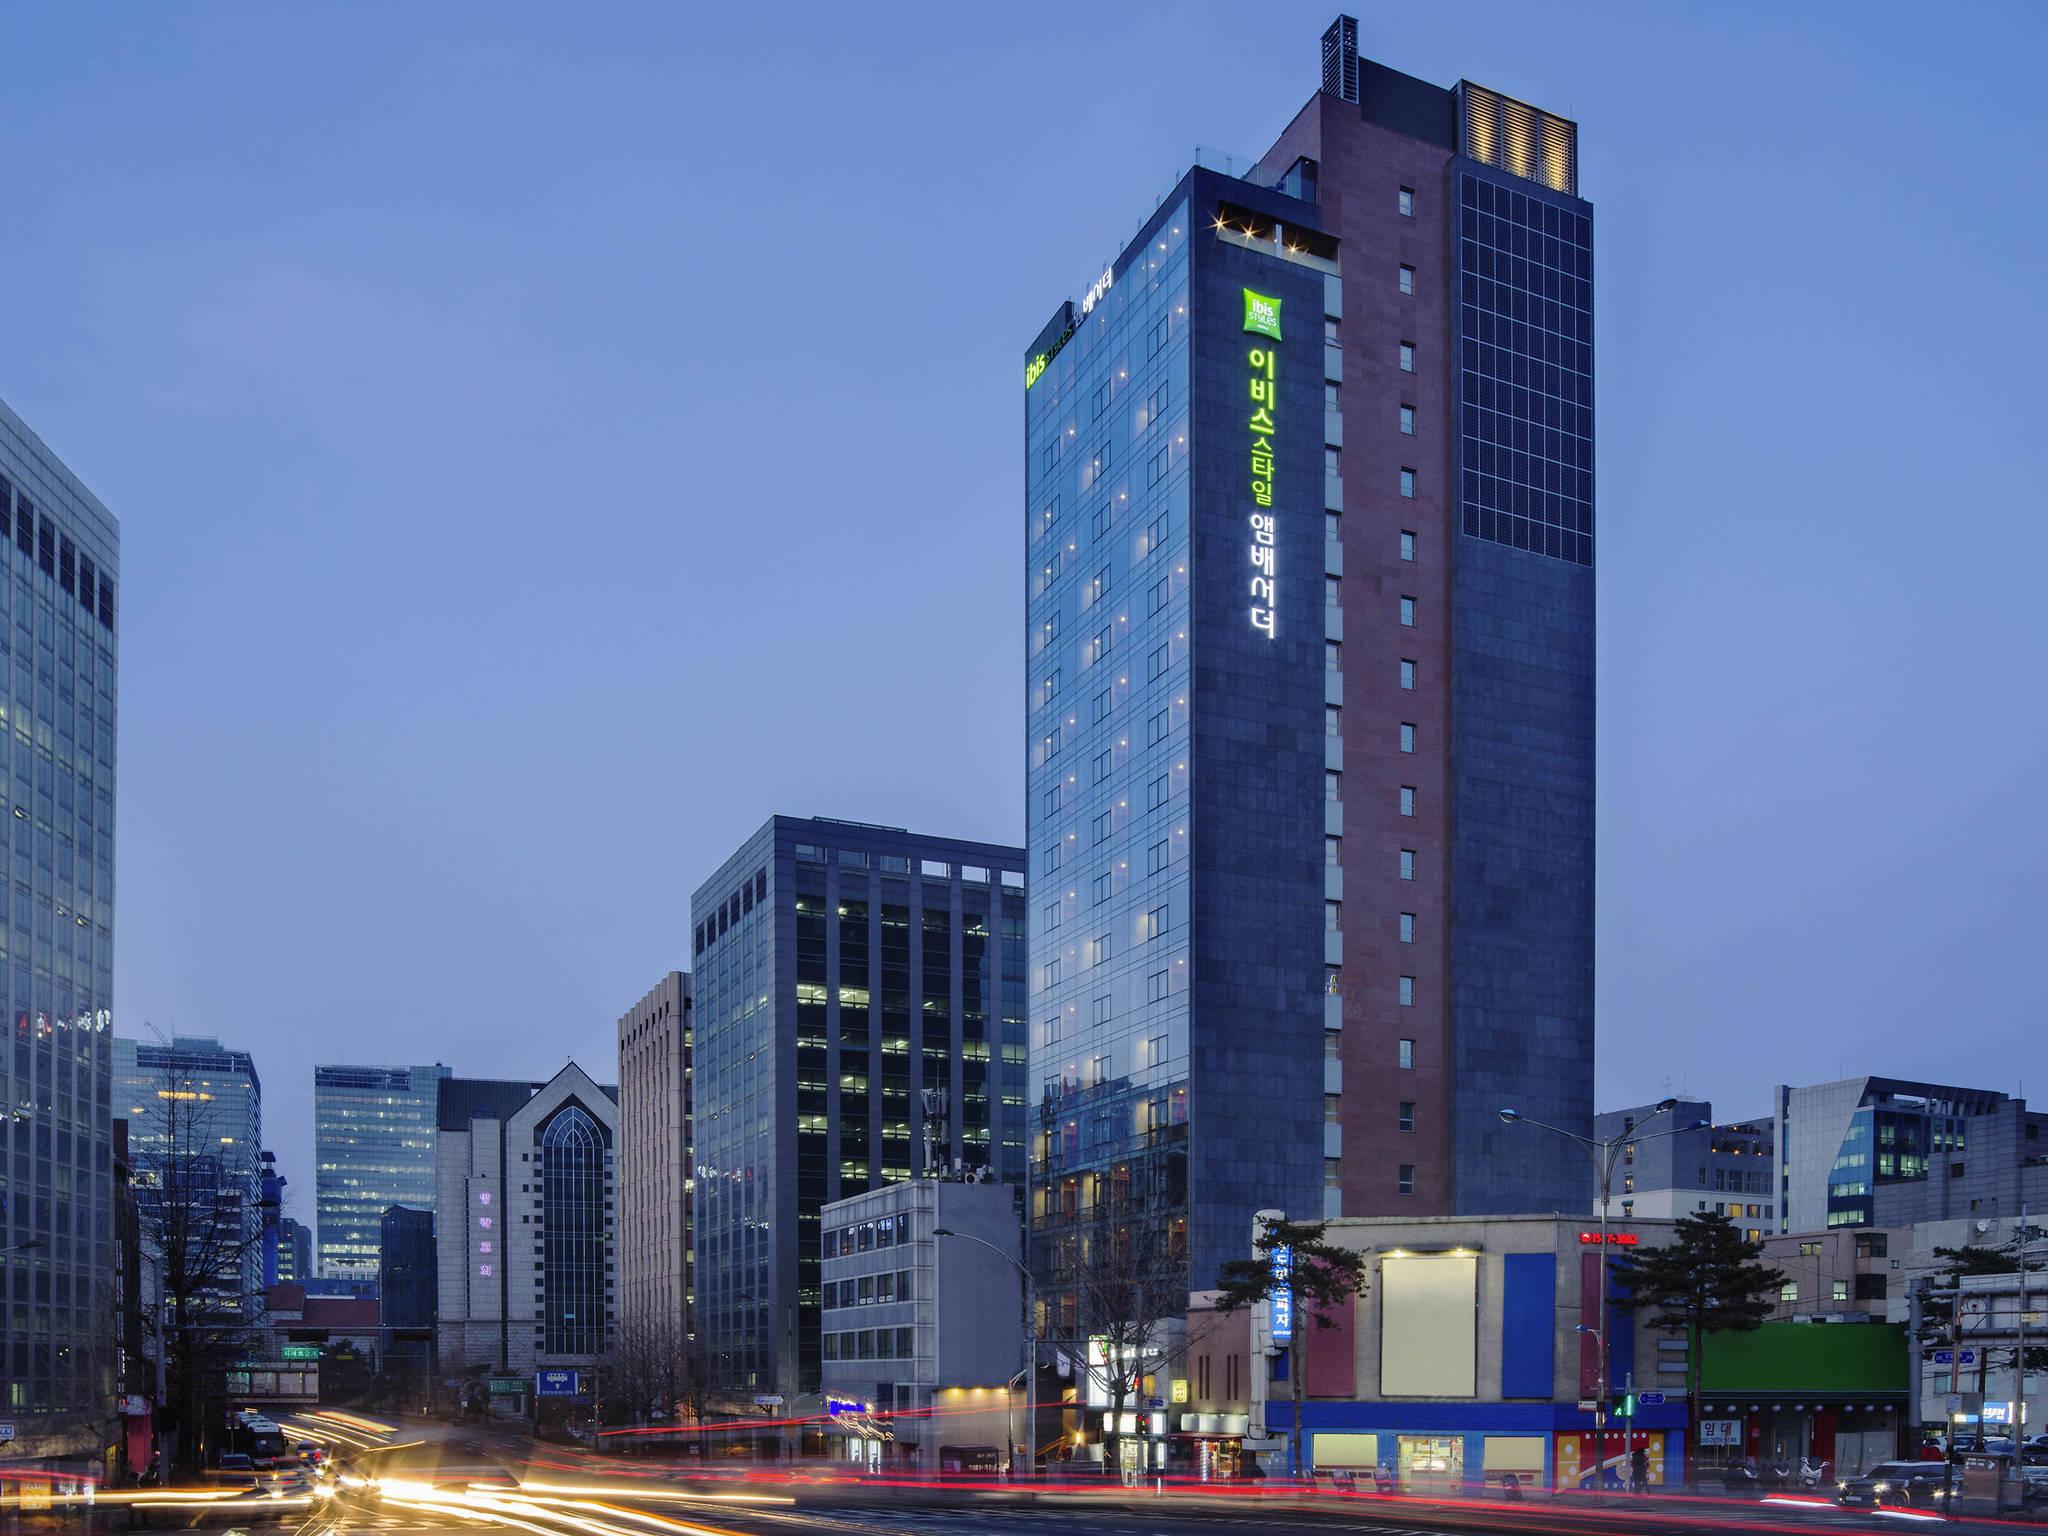 โรงแรม – ไอบิส สไตล์ แอมบาสเดอร์ โซล เมียงดง